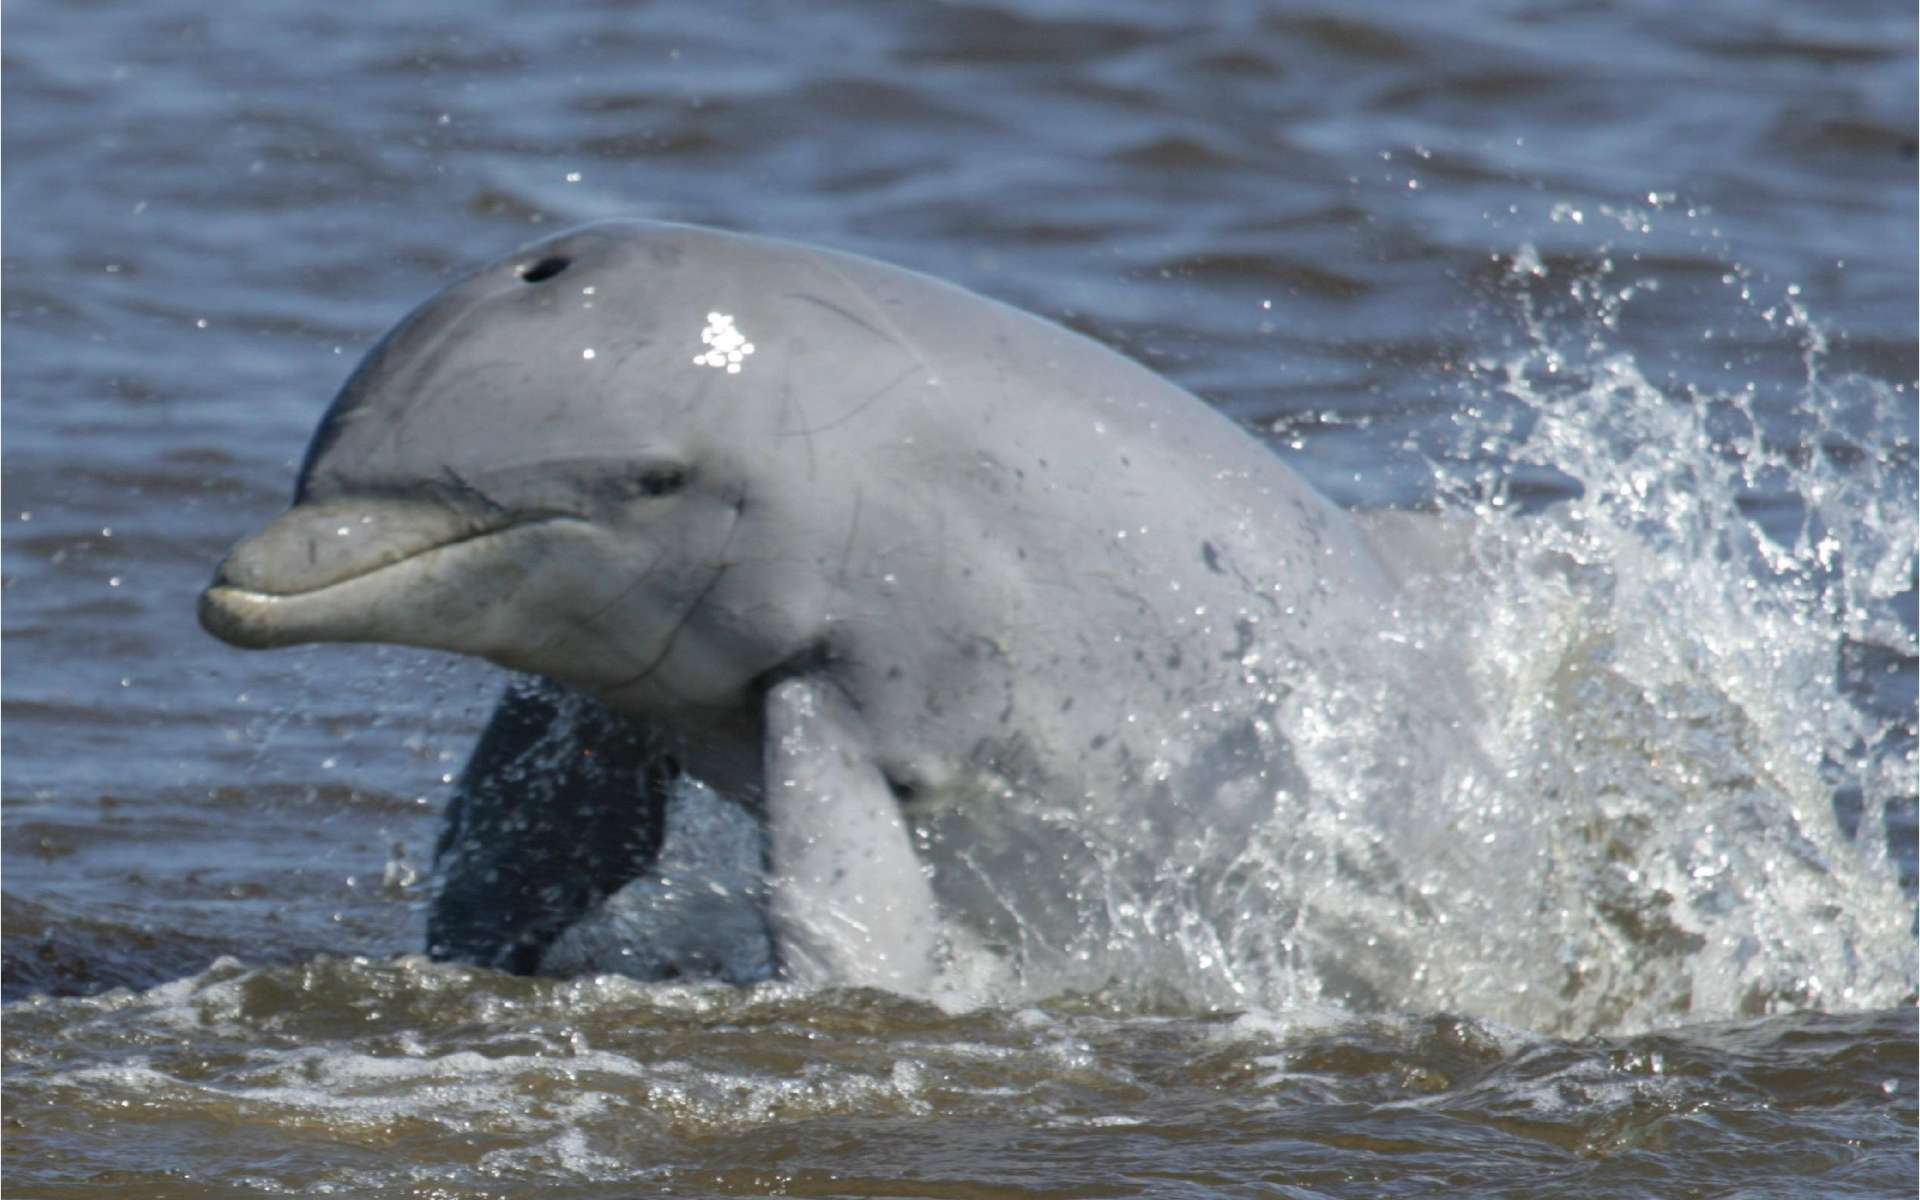 Le Grand dauphin est une sentinelle écologique. Son état de santé est révélateur de celui des écosystèmes marins mais aussi des populations côtières. © Brian Balmer / Sarasota Dolphin Research Program